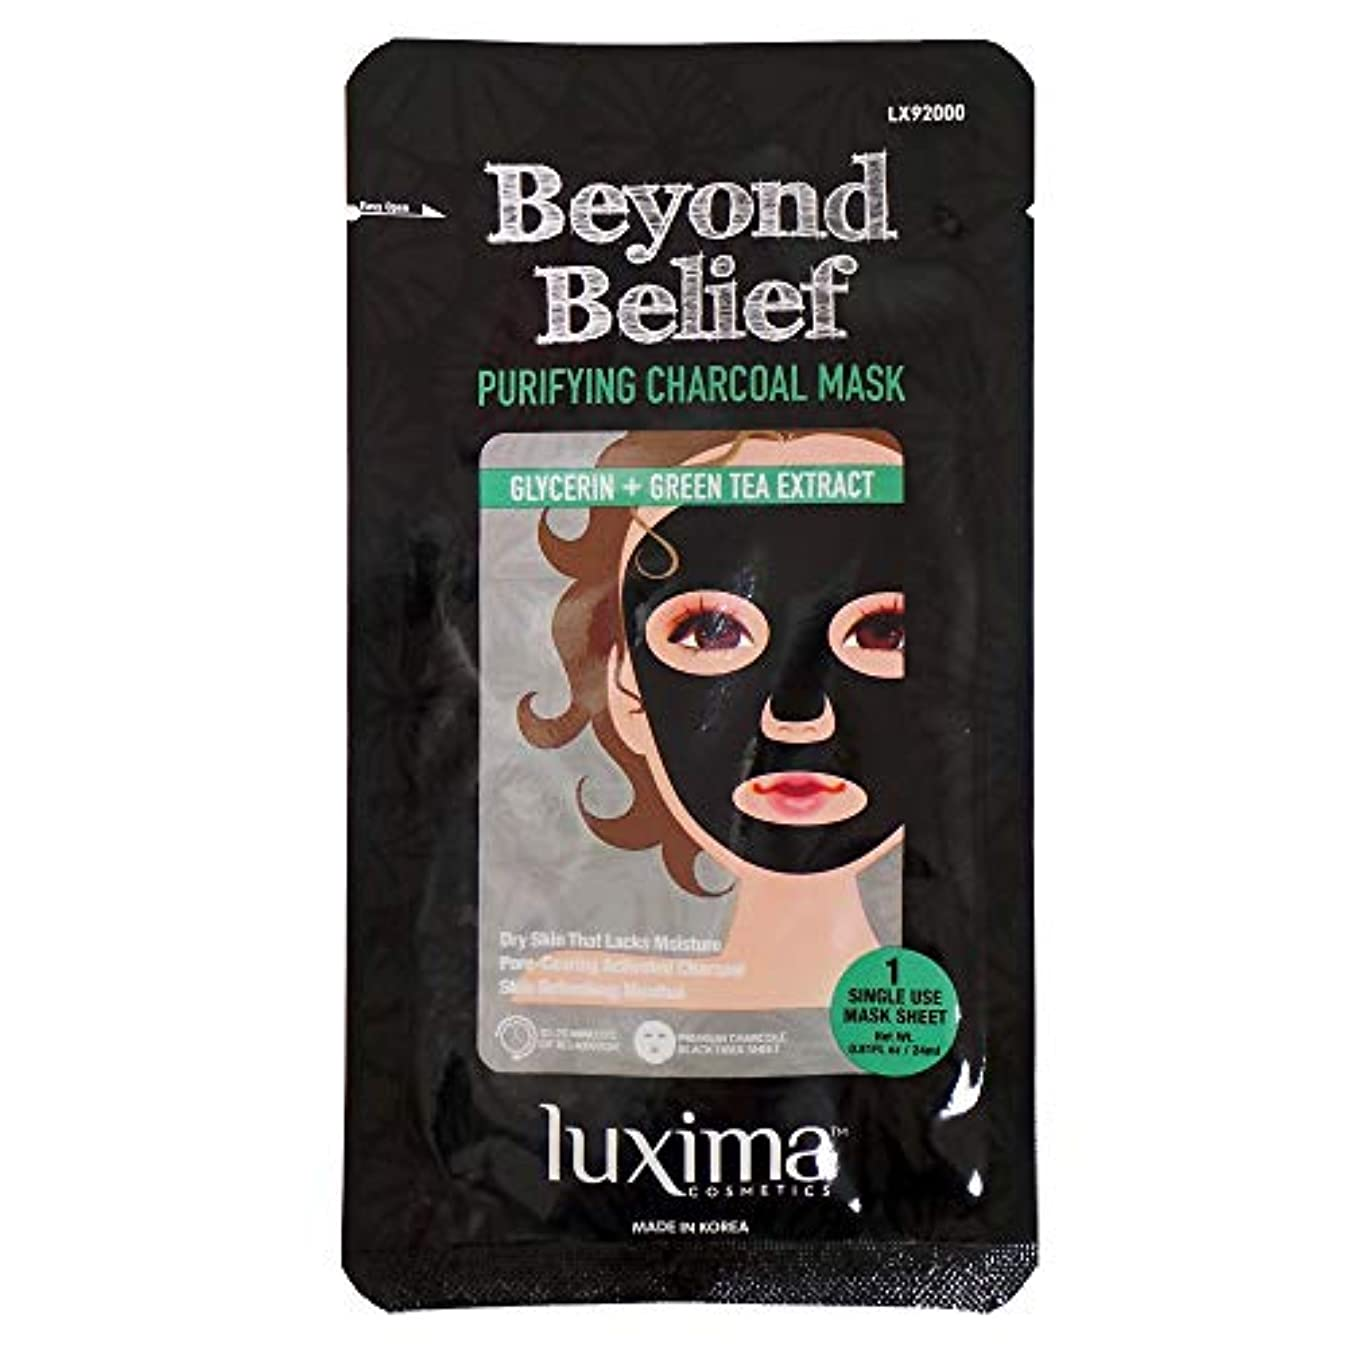 狂った広げる補充LUXIMA Beyond Belief Purifying Charcoal Mask (並行輸入品)